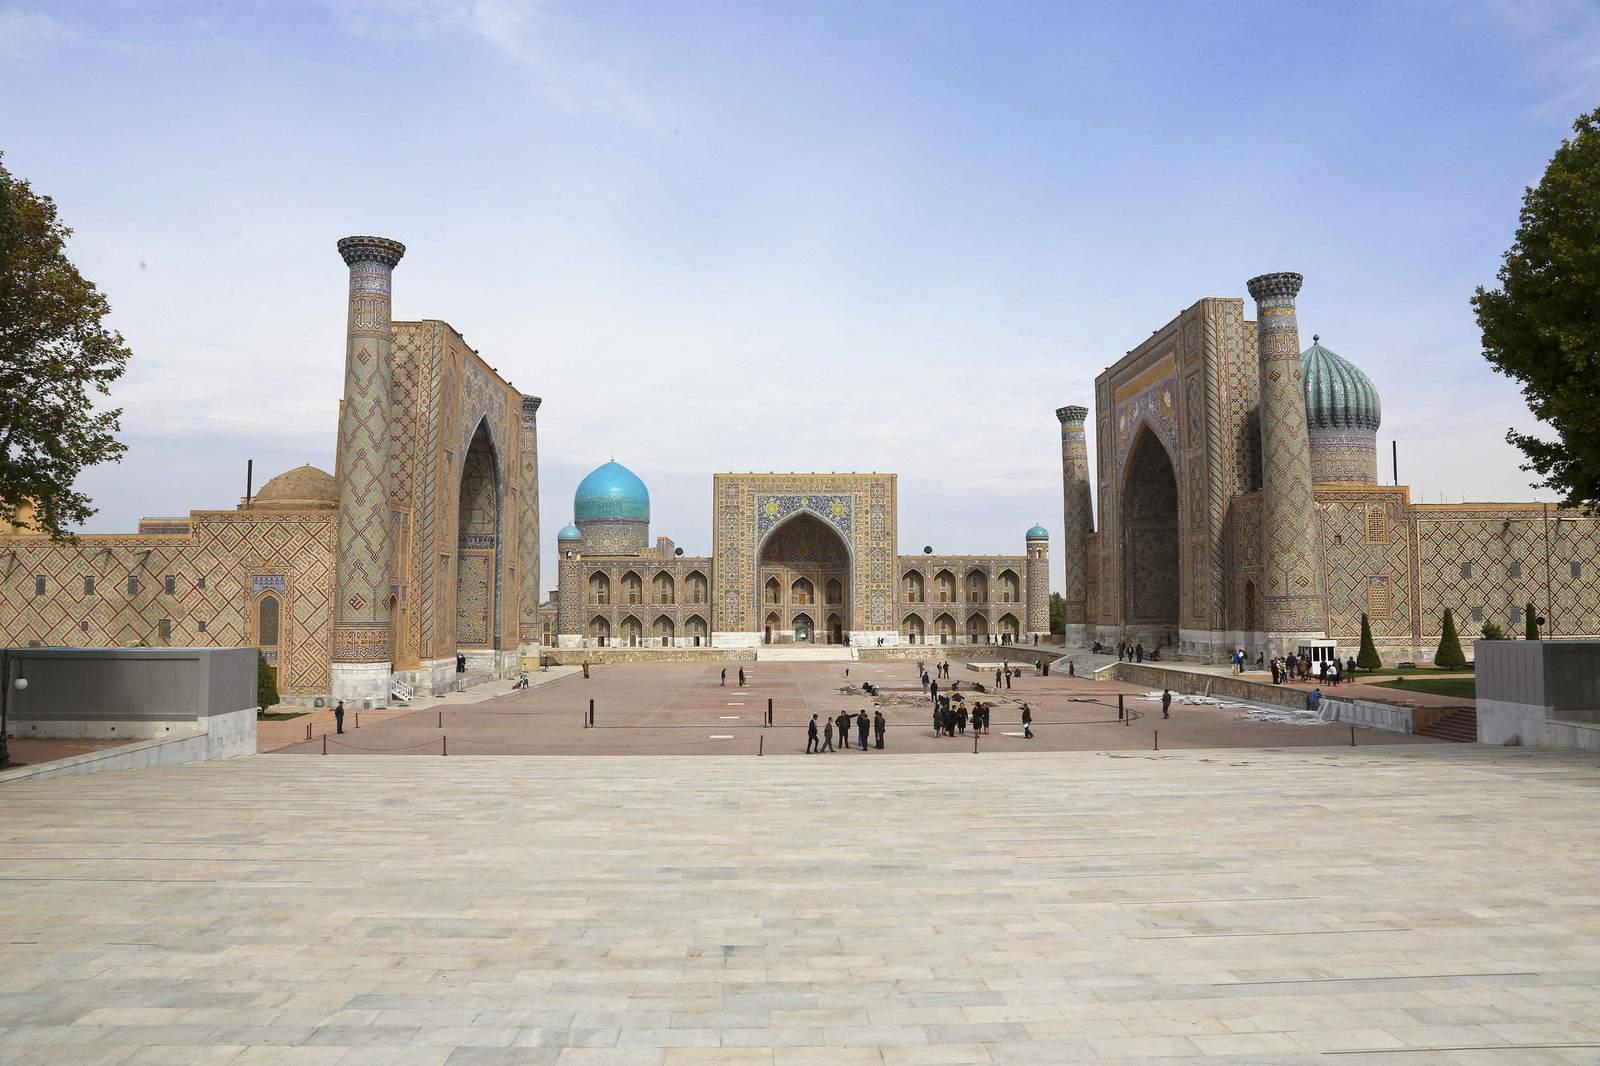 uzbekistan10 Uzbekistan   Travel to Central Asia